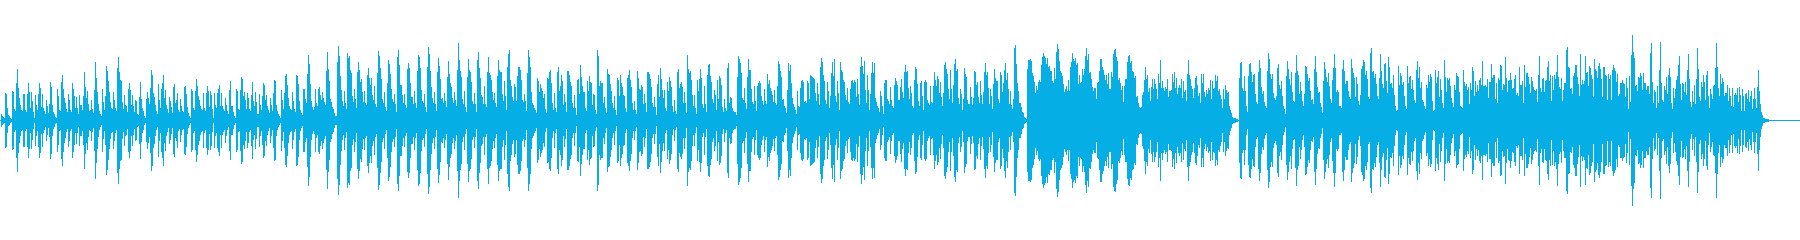 ハープの古代音楽風の神秘的な曲の再生済みの波形